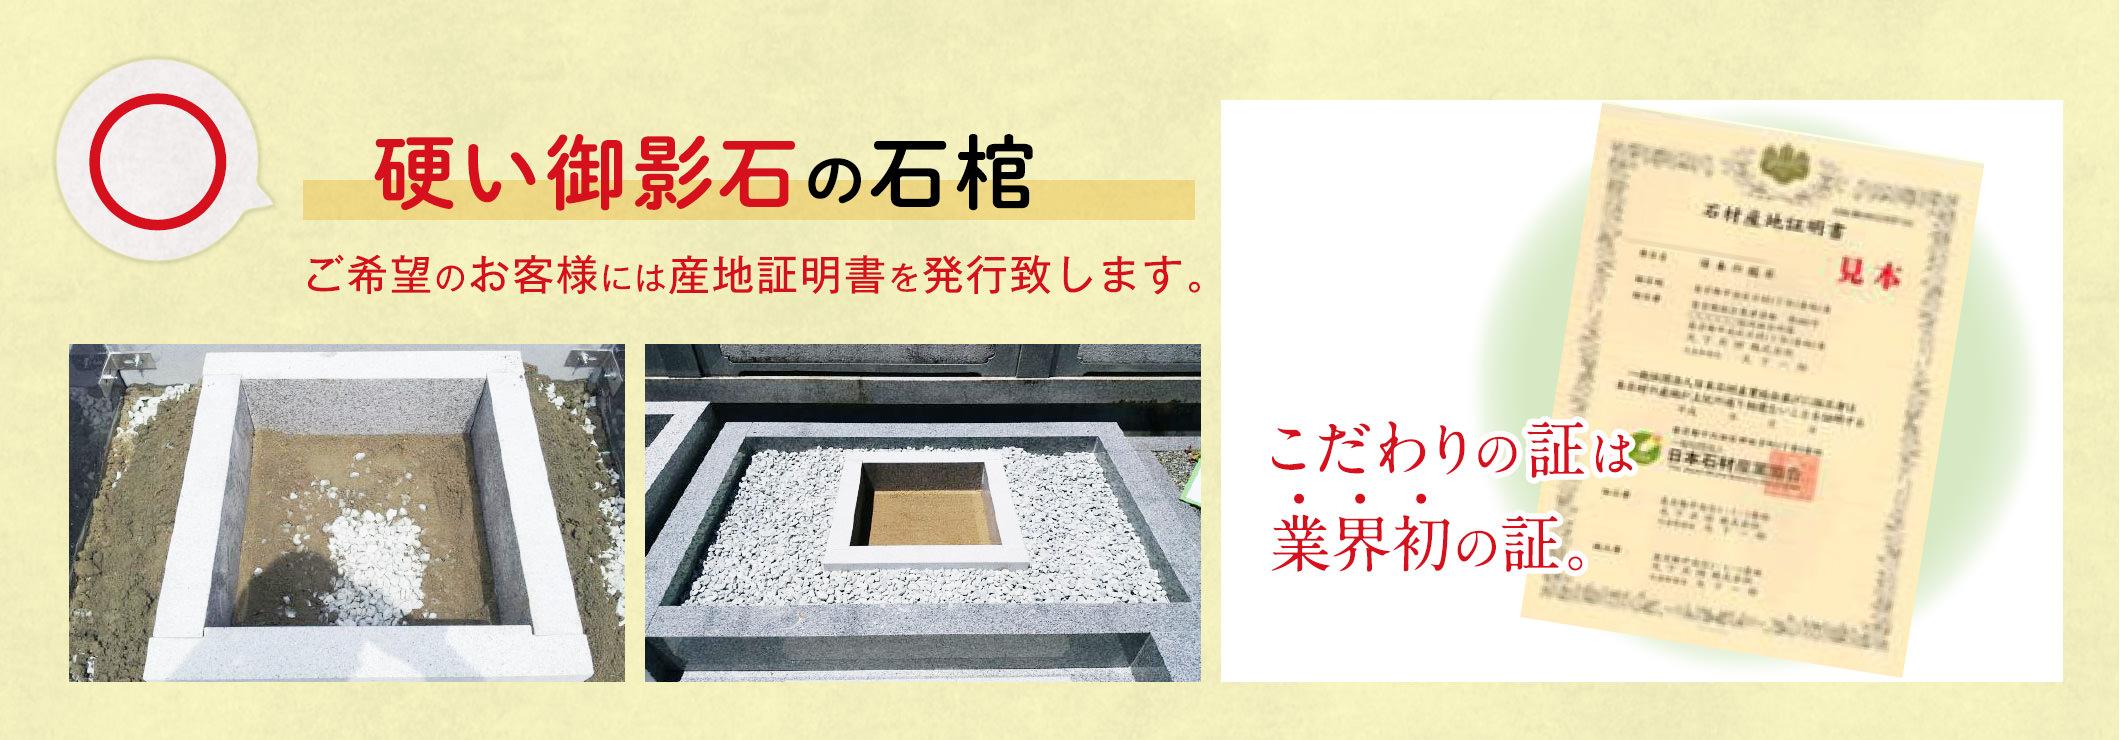 硬い御影石の石棺 ご希望のお客様には産地証明書を発行致します。